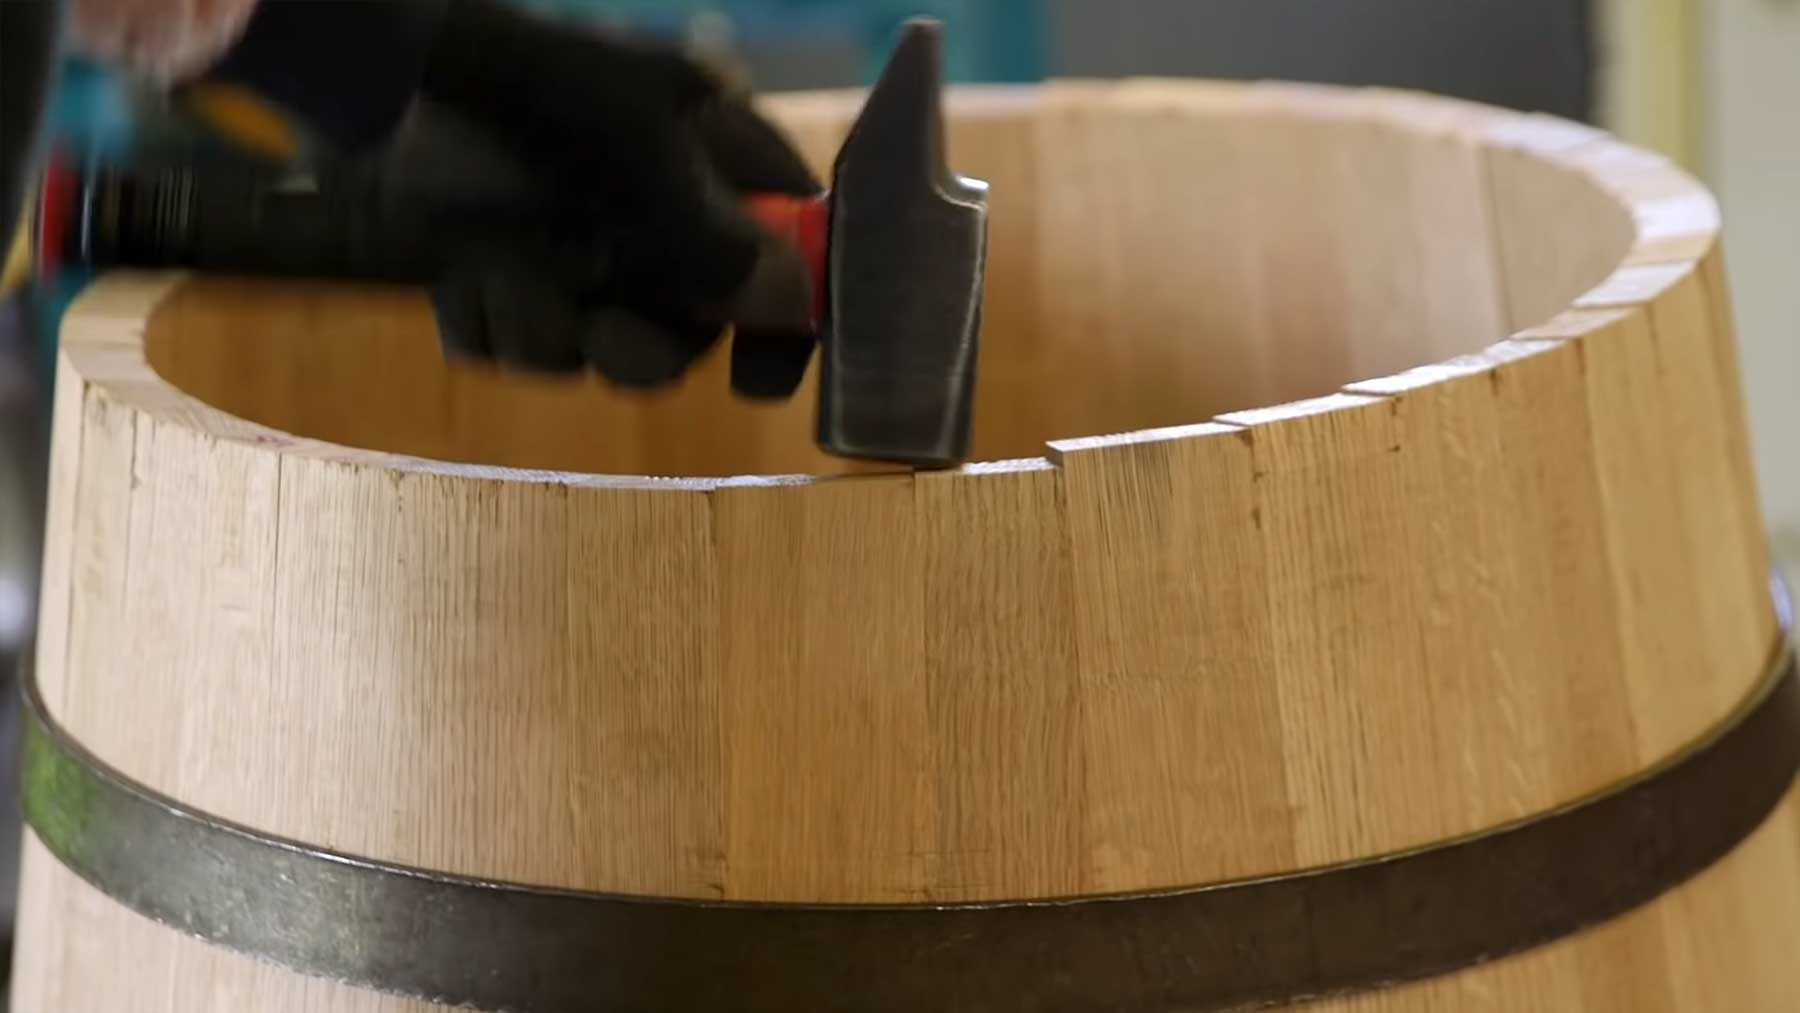 Video-Erklärung zur Herstellung von Whiskey-Fässern